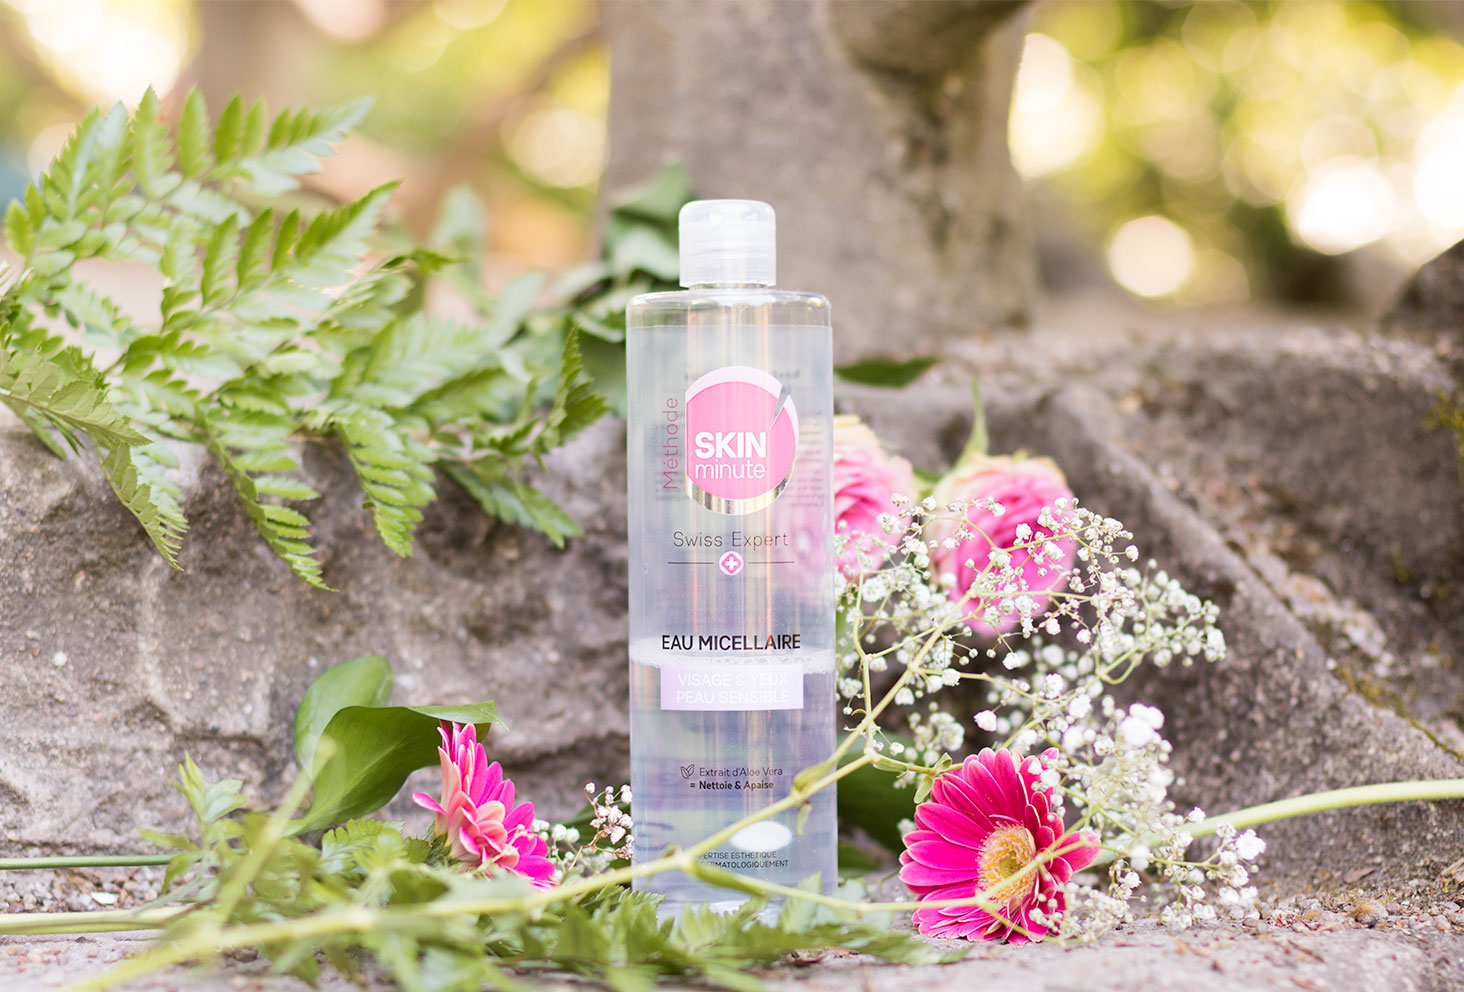 L'eau micellaire de Body Minute entre les fleurs roses et blanches sur un pierre